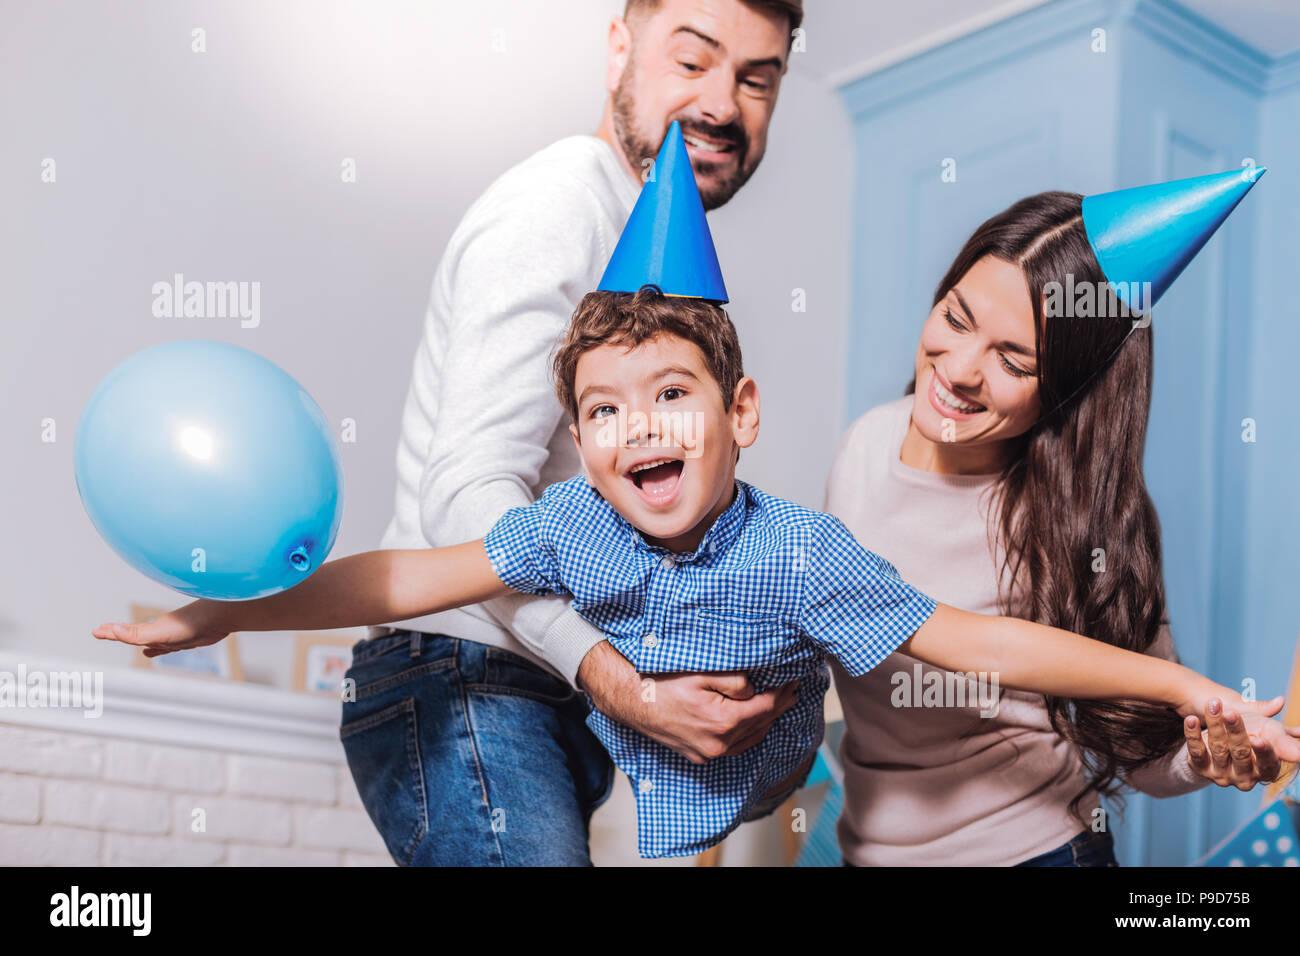 Happy Family Birthday party Photo Stock